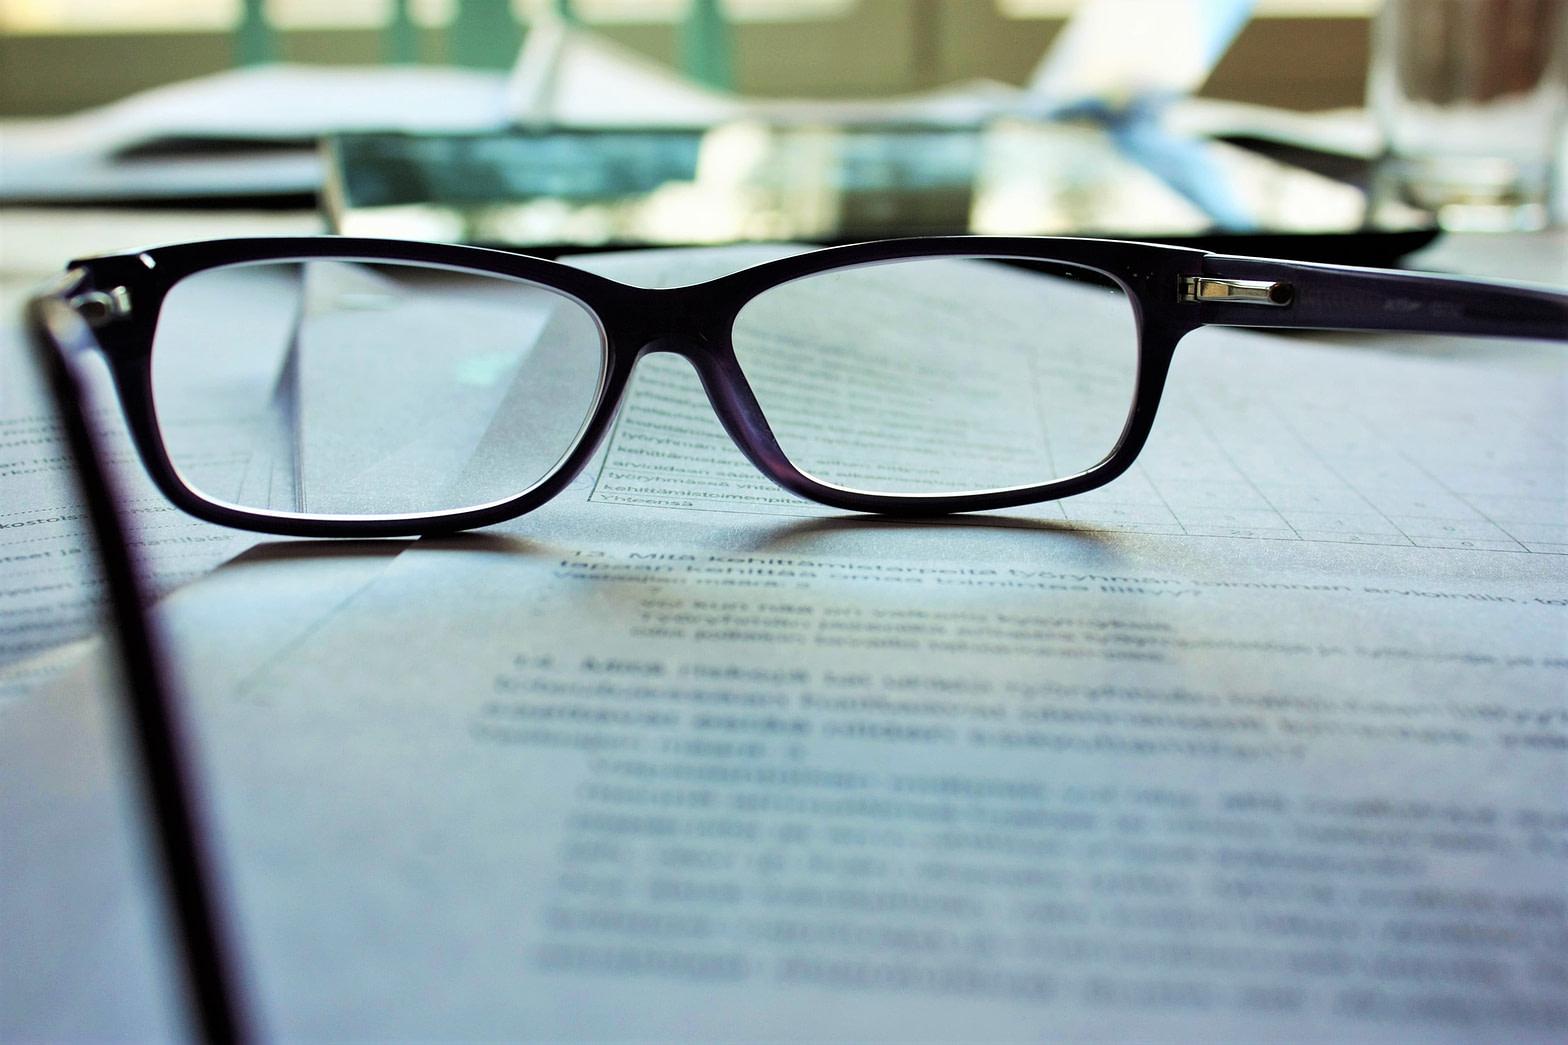 Okulary korekcyjne położone na kartkach papieru